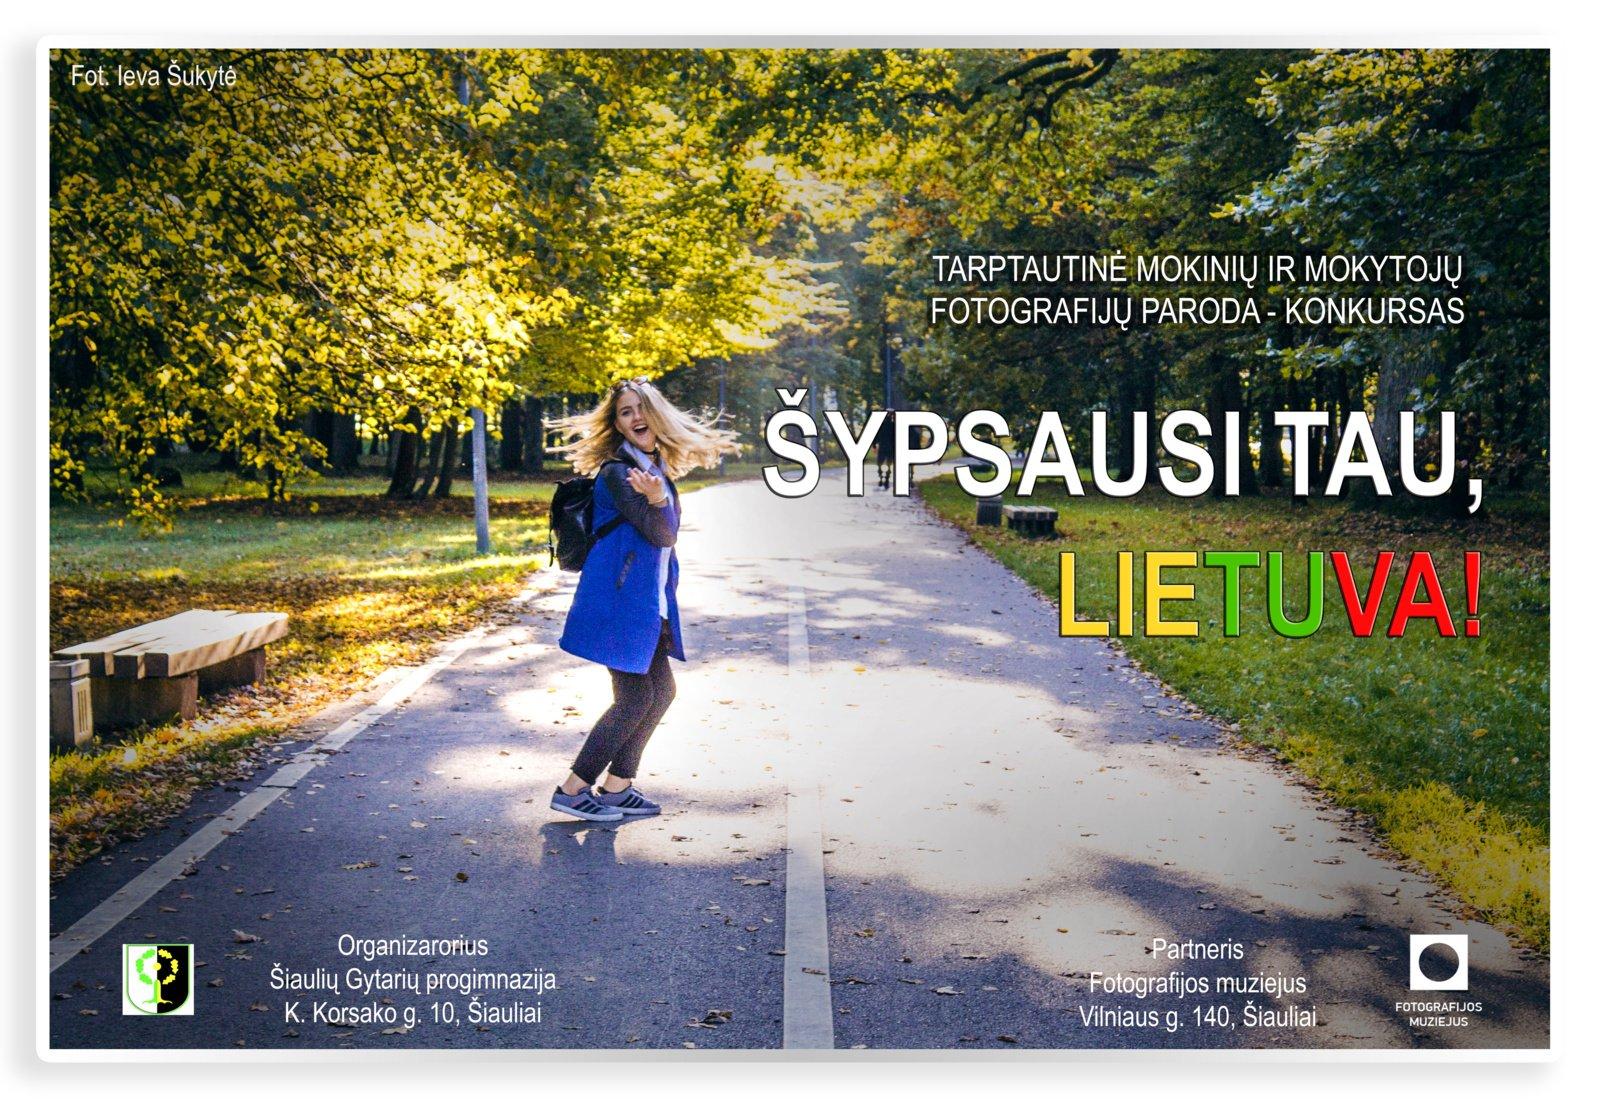 """Tarptautinė mokinių ir mokytojų fotografijų paroda – konkursas """"Šypsausi tau, Lietuva!"""""""